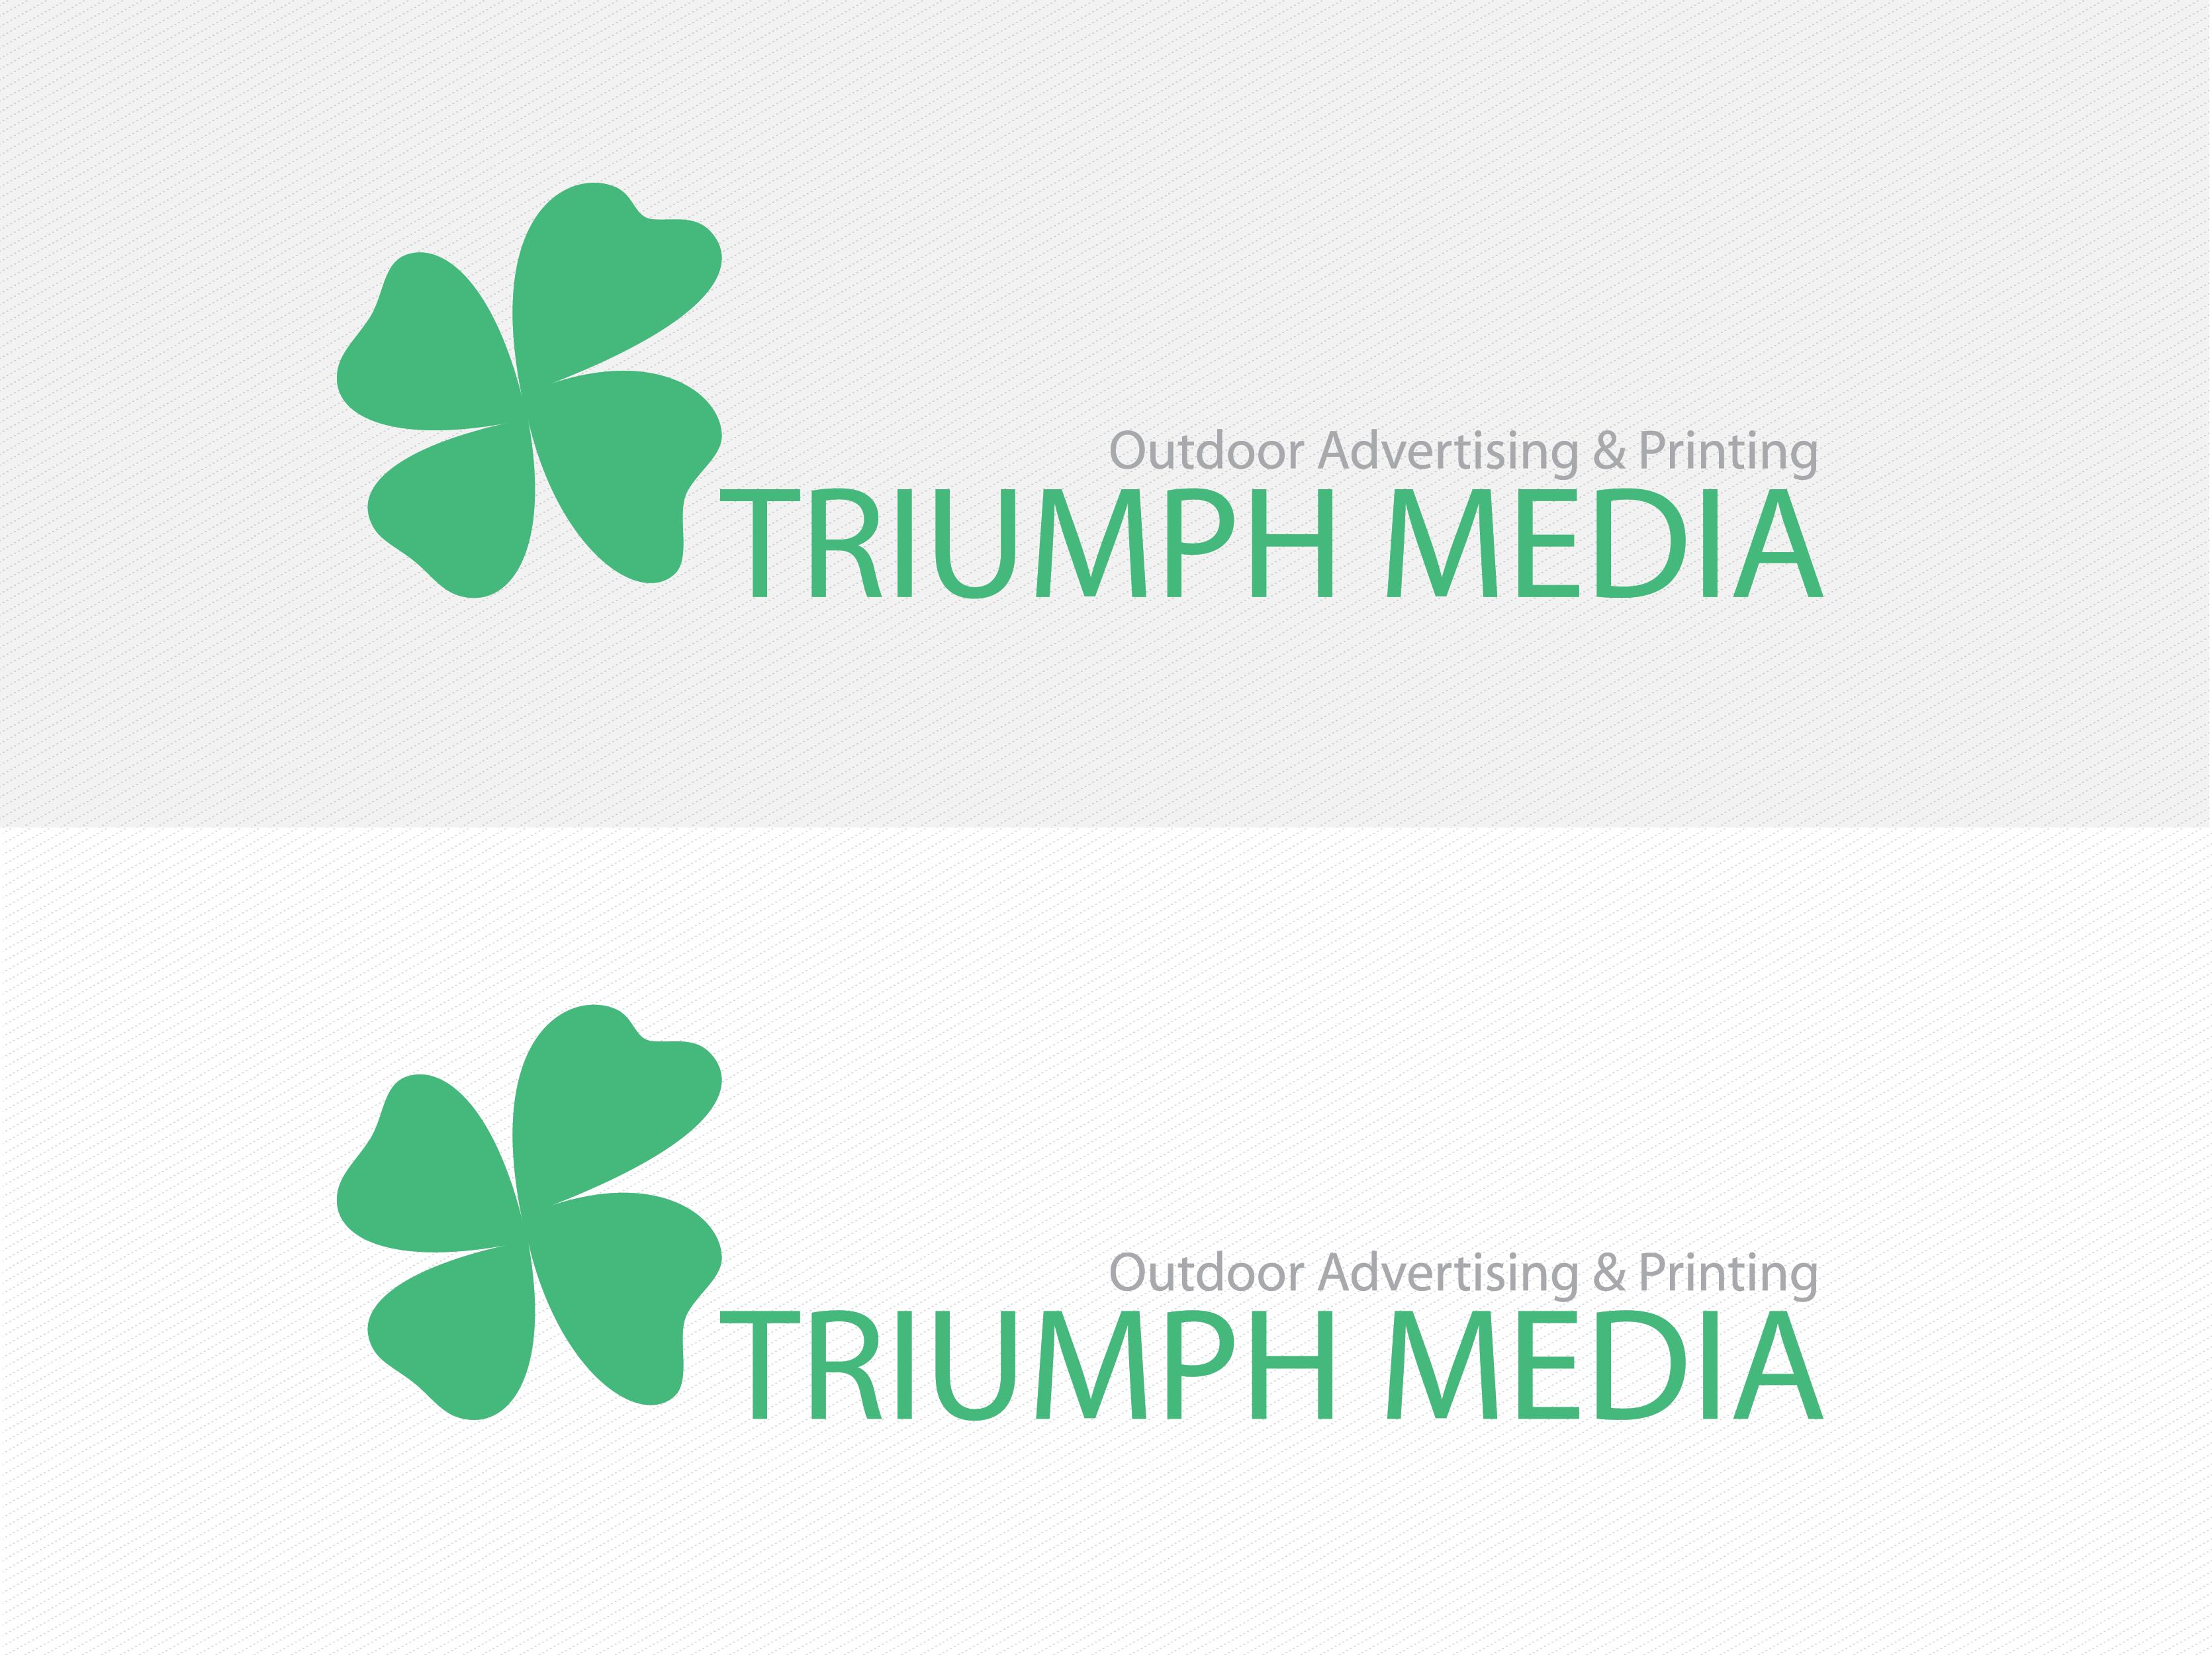 Разработка логотипа  TRIUMPH MEDIA с изображением клевера фото f_50718a0c22b5a.png